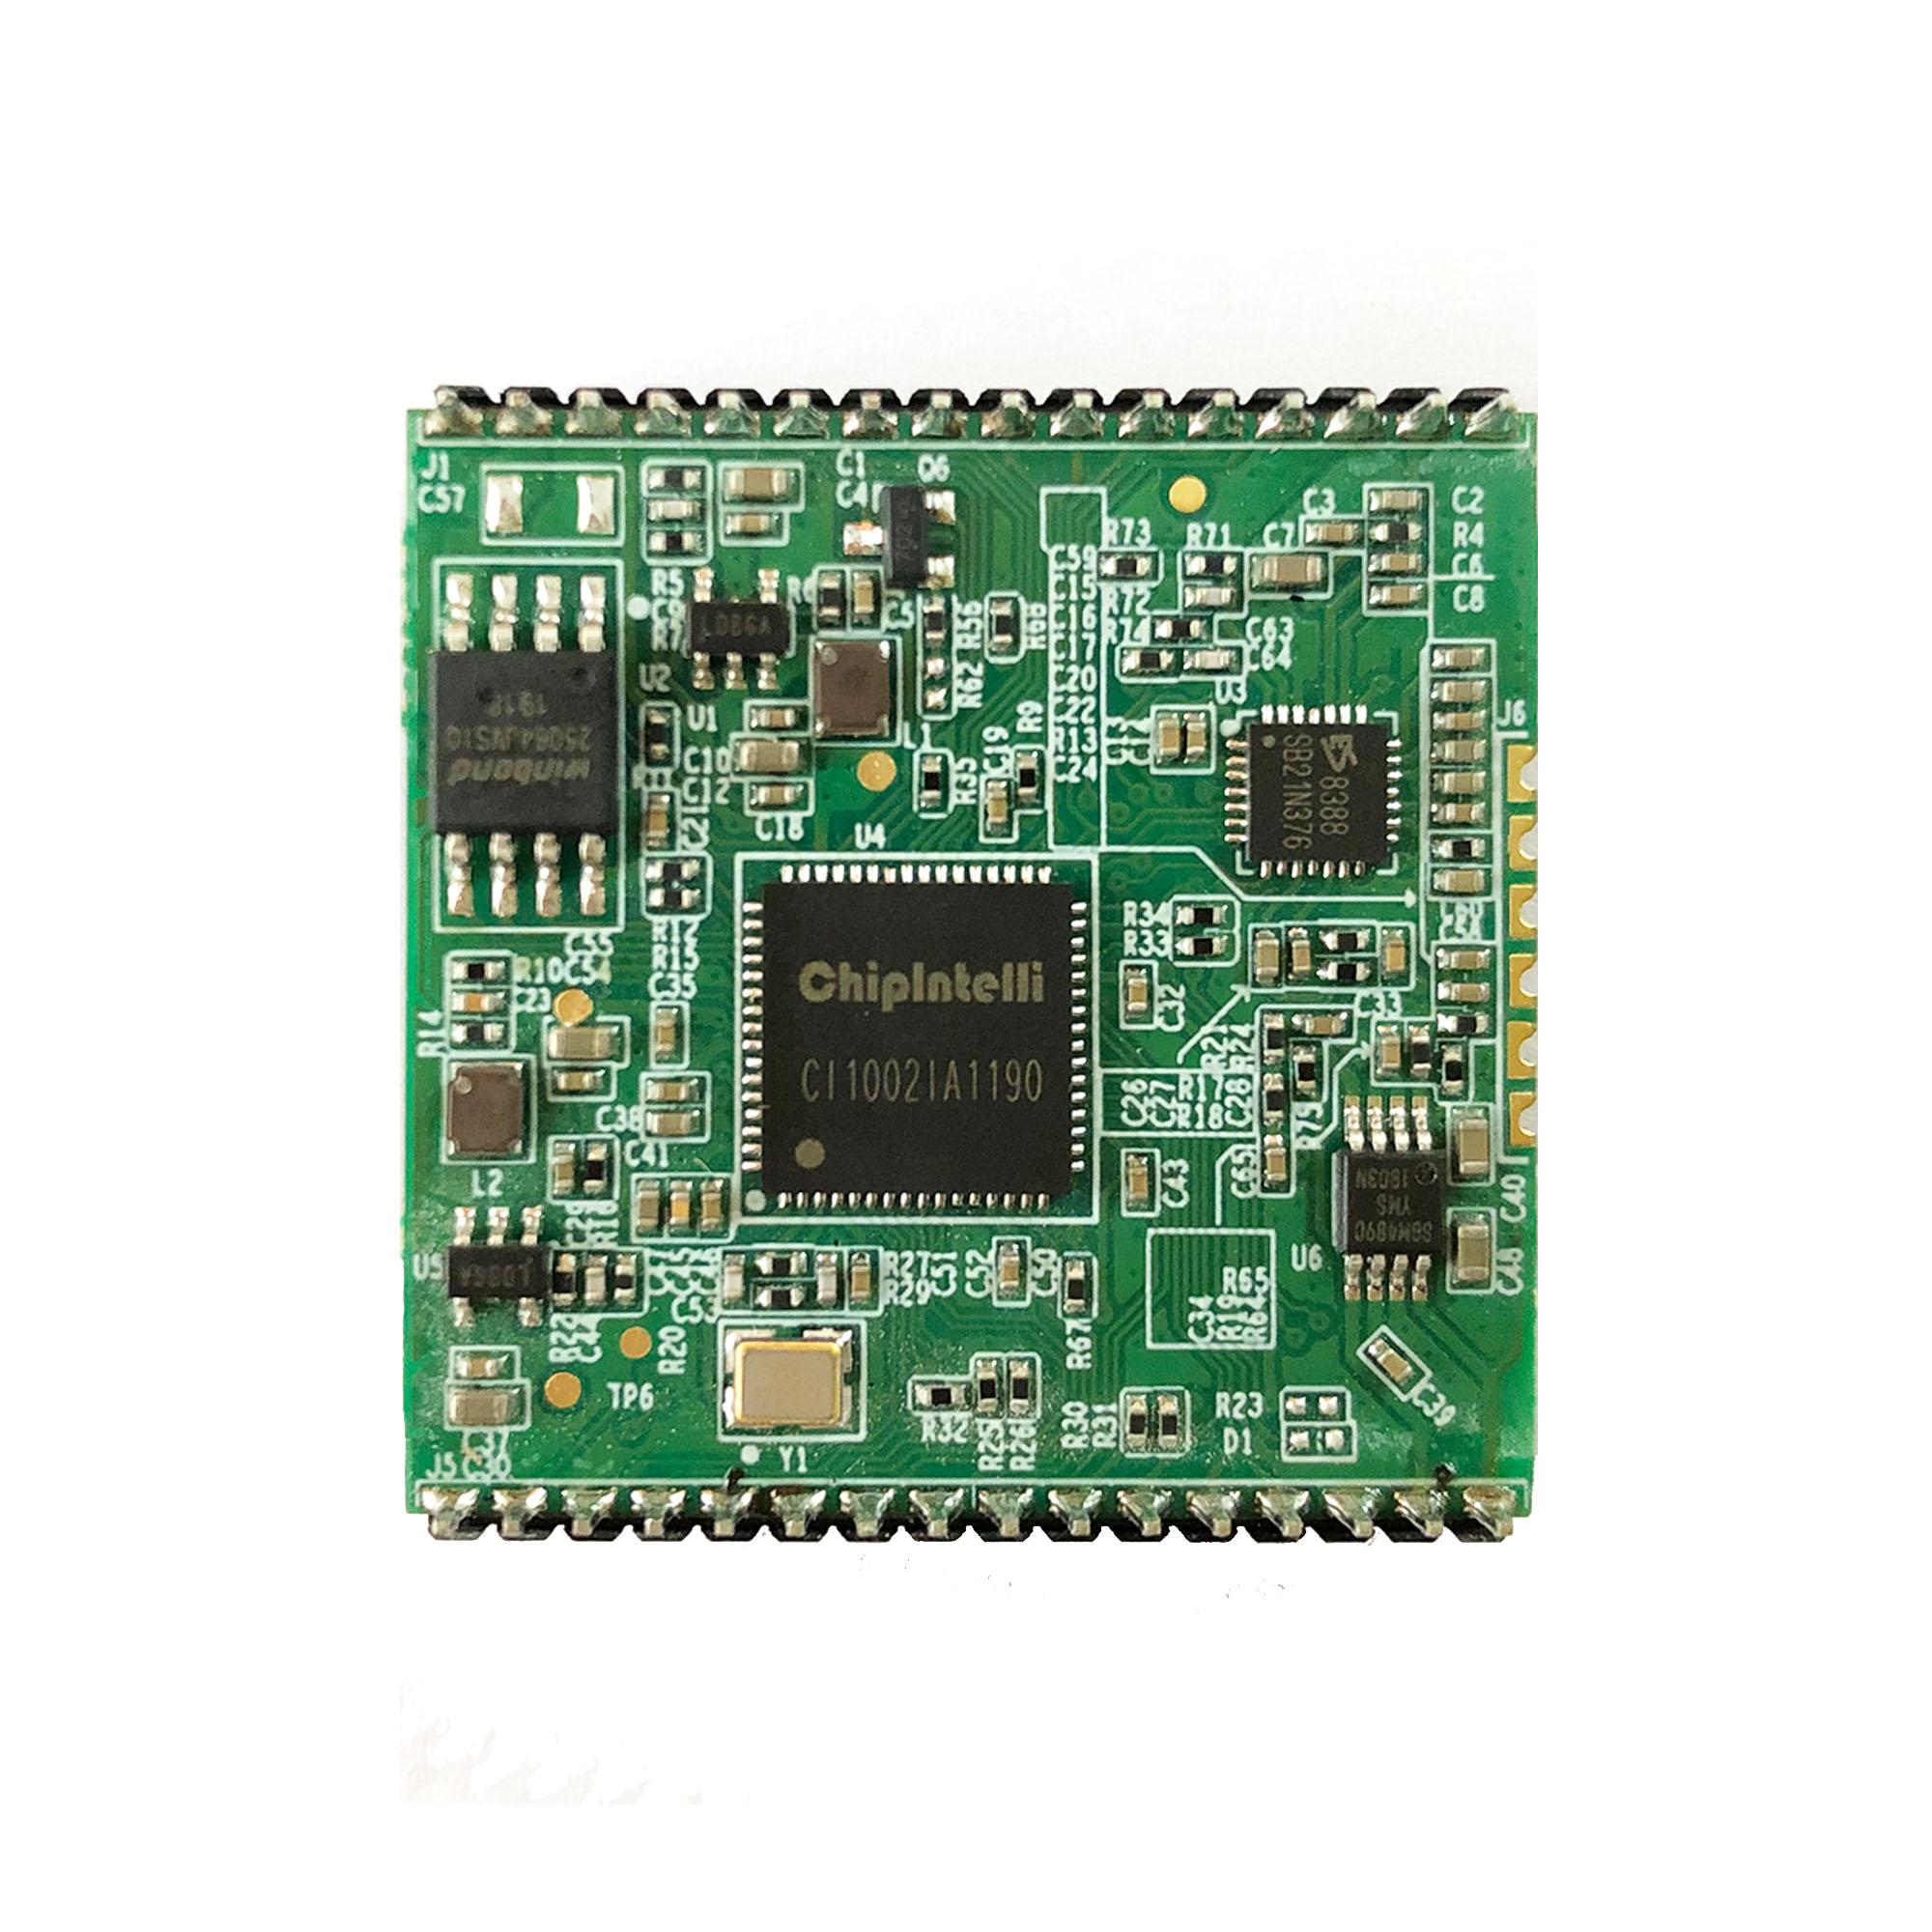 单麦智能语音开发板(CI1002CS03-D)